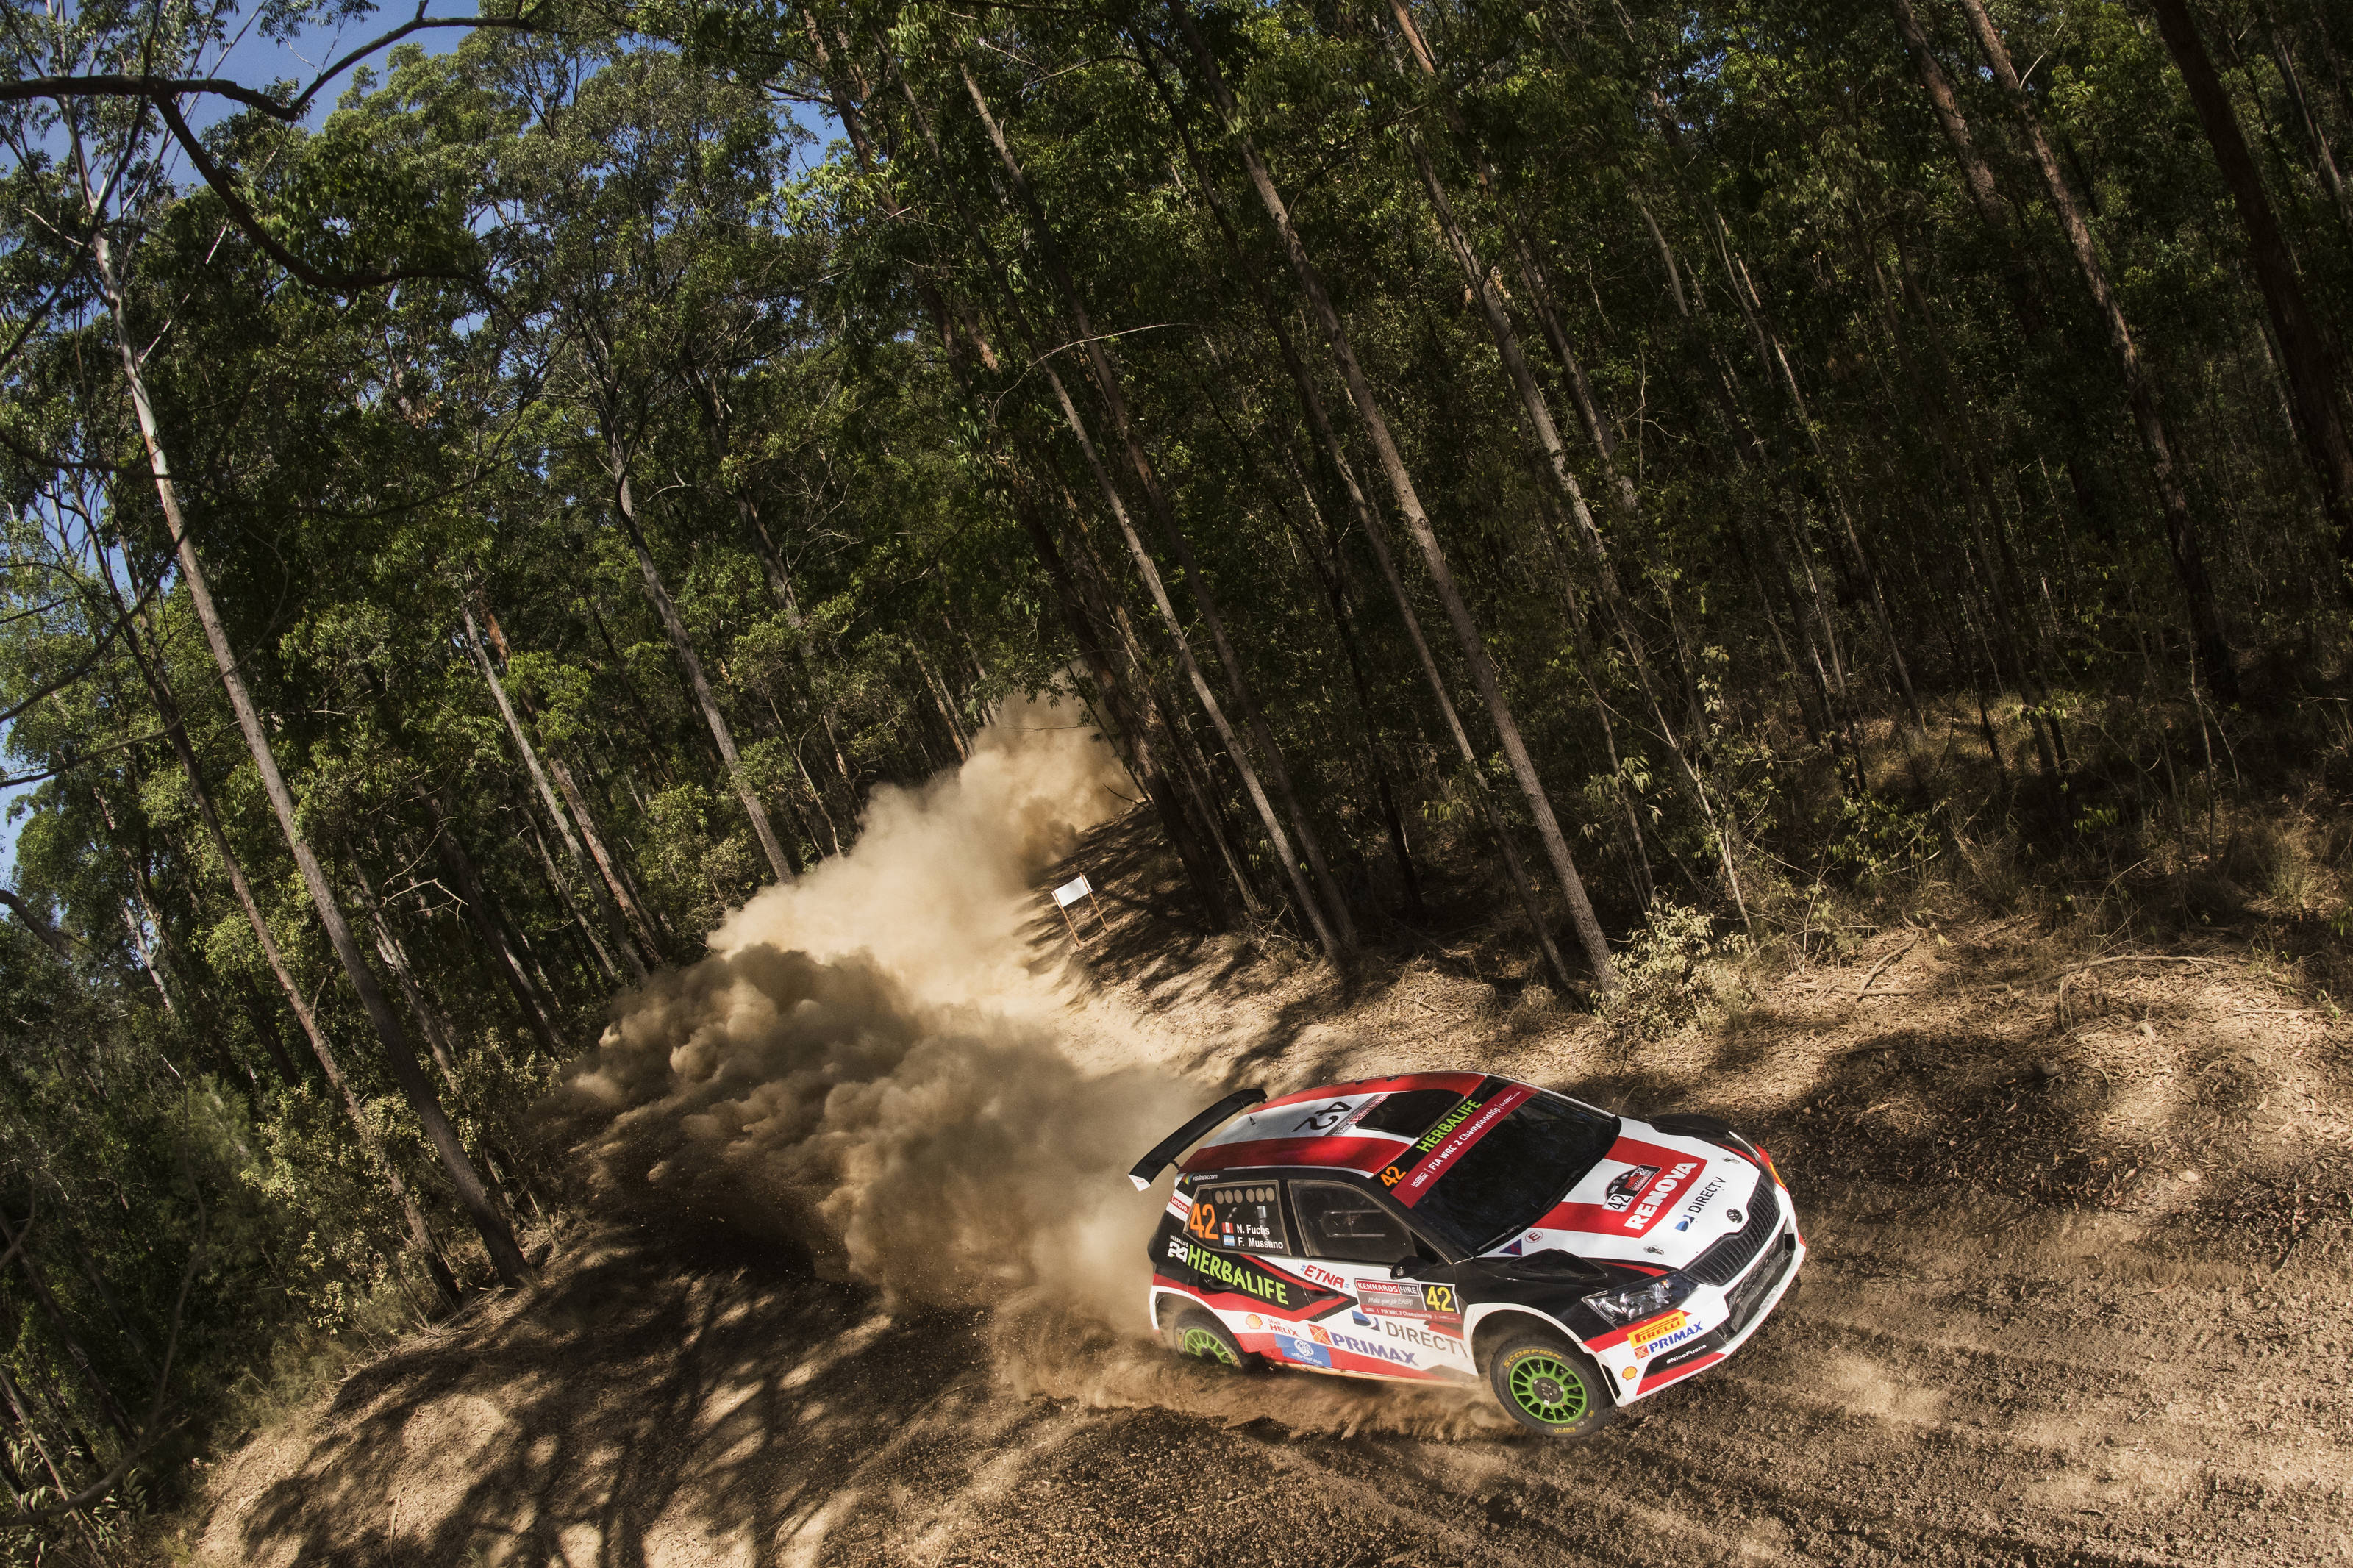 Ο Nicolas Fuchs τερμάτισε στην δεύτερη θέση της WRC2